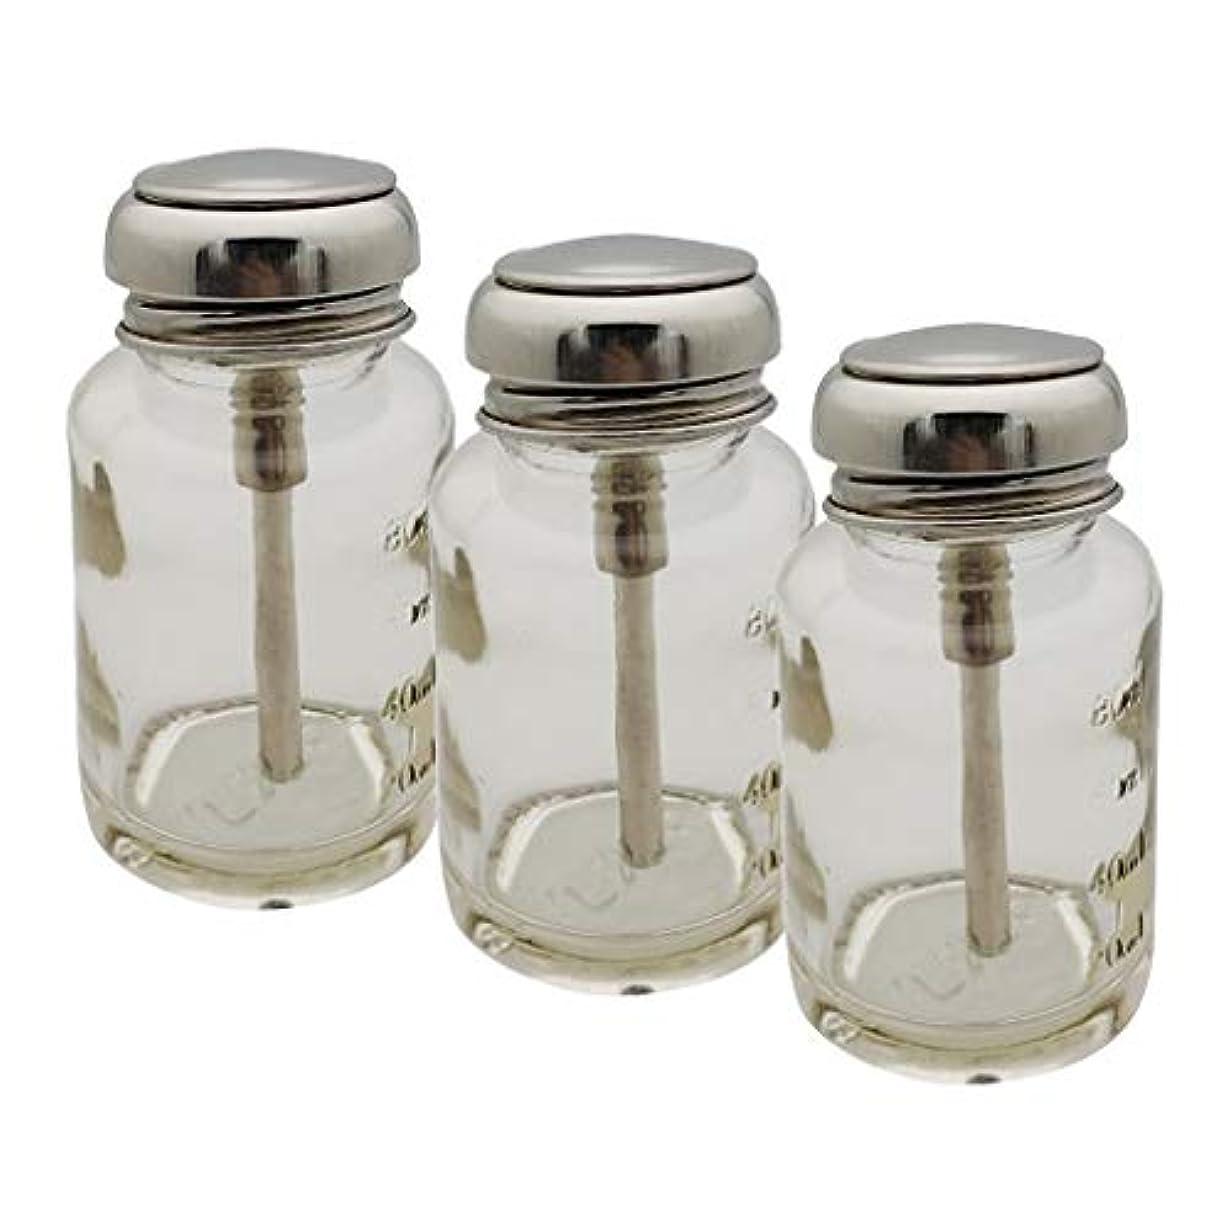 故意の効果終わったToygogo 3個 ポンプボトル 容器 ポンプディスペンサー ネイル ディスペンサー プレスボトル